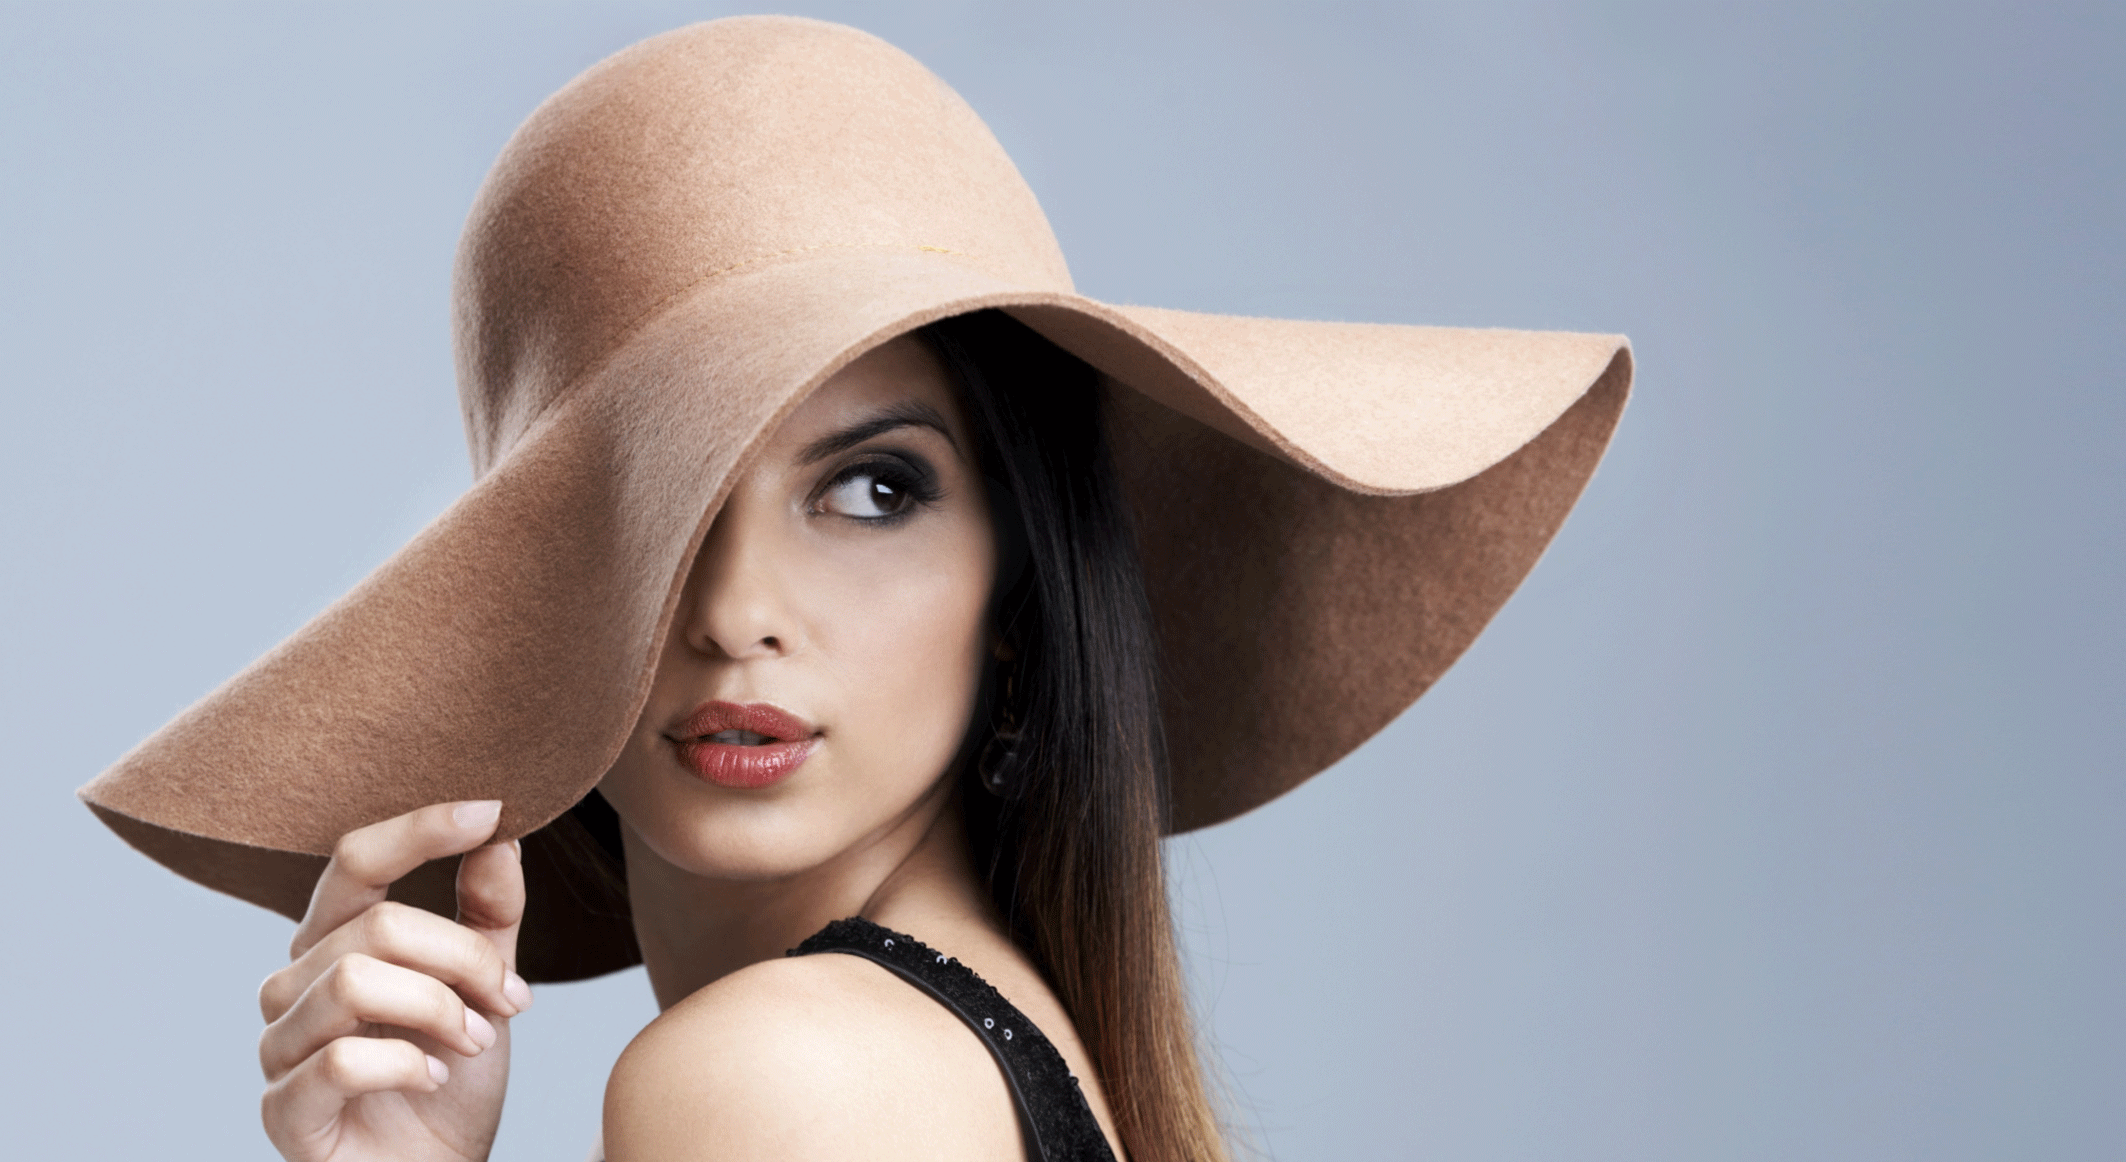 Conseils beauté : les secrets beauté pour être toujours élégante